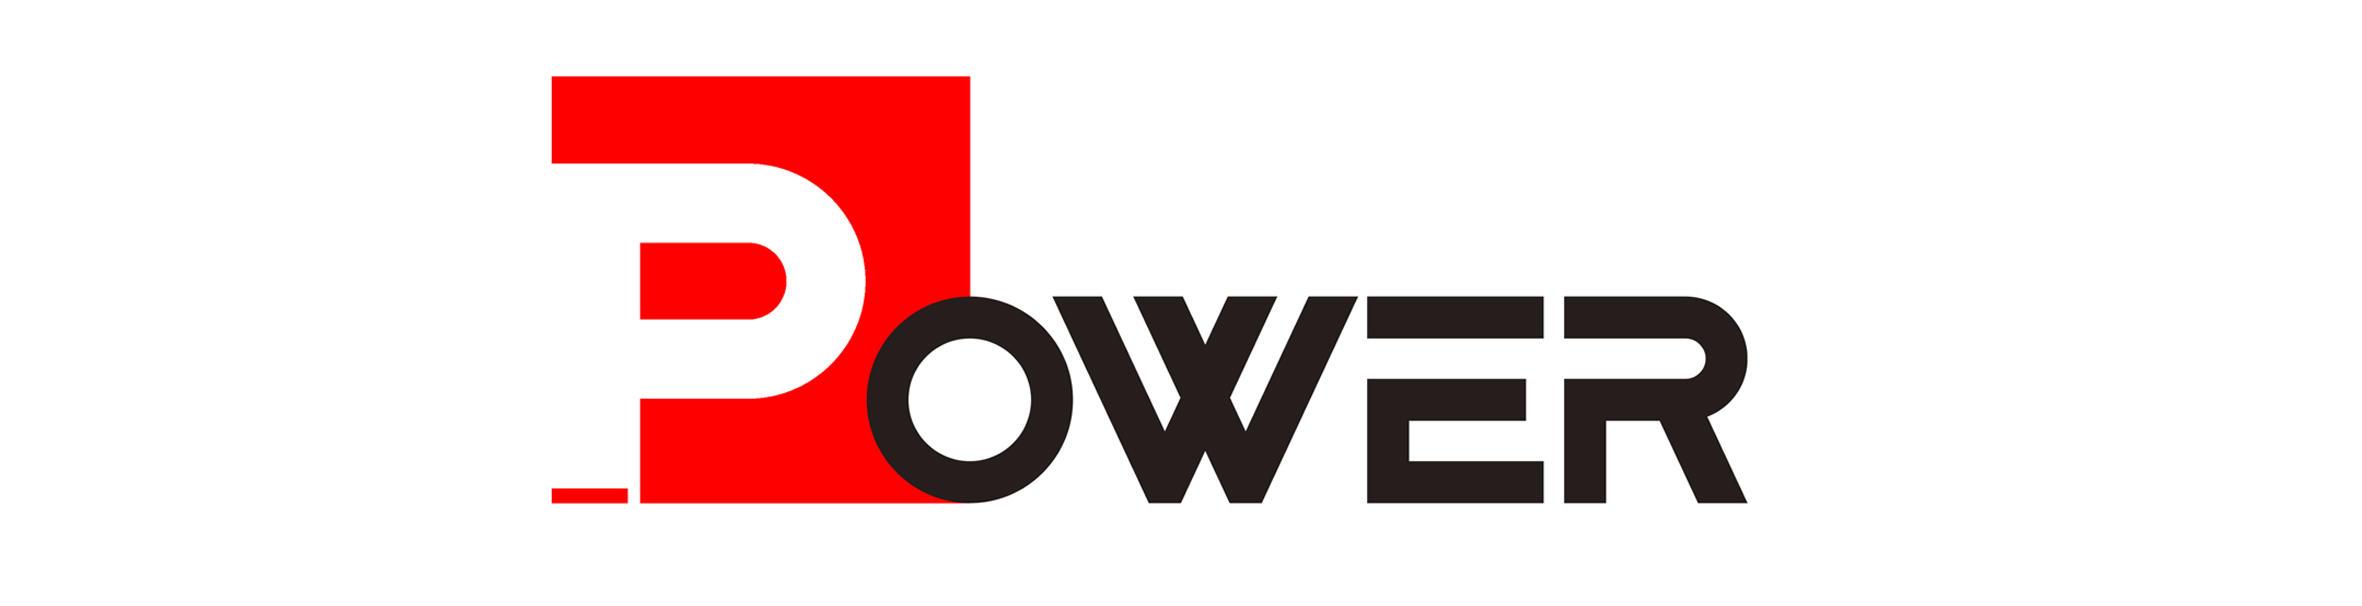 POWERロゴ.jpg